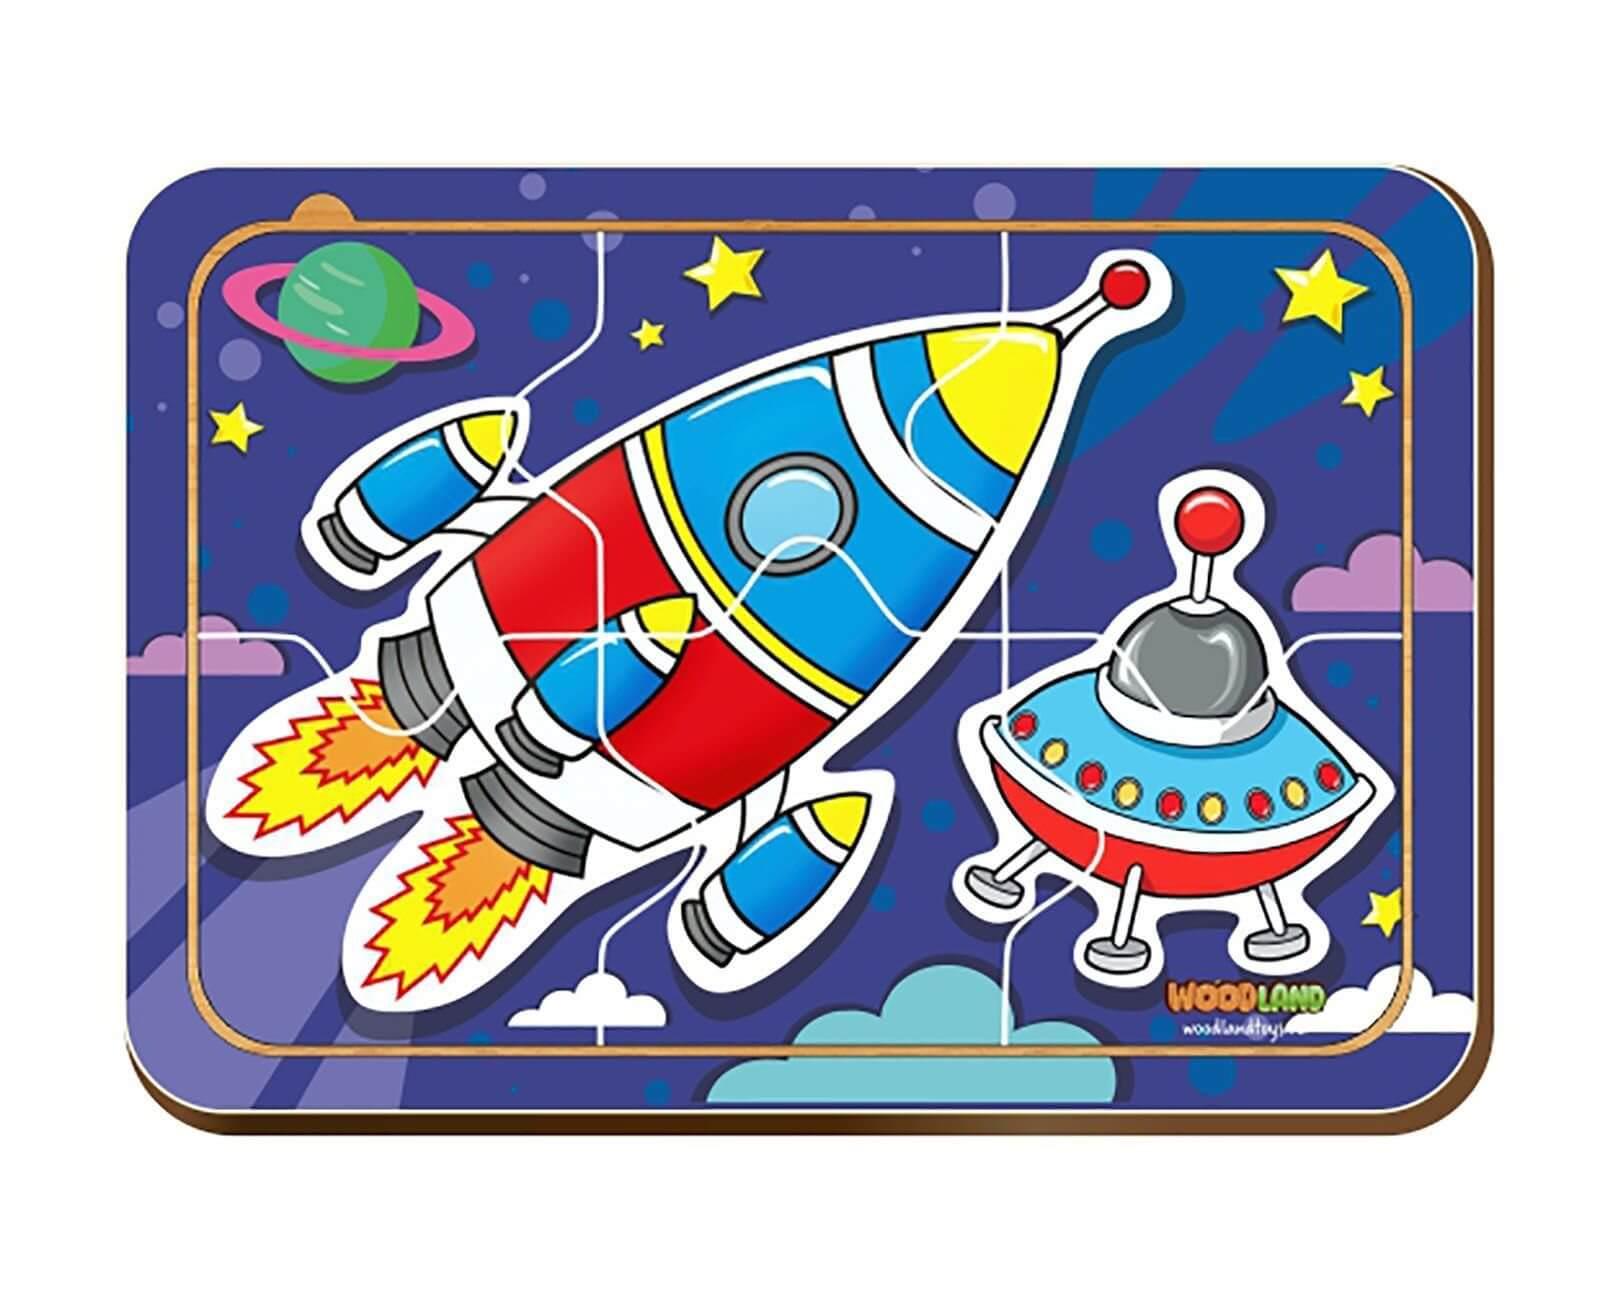 картинка пазл космонавт рынке постоянно появляются